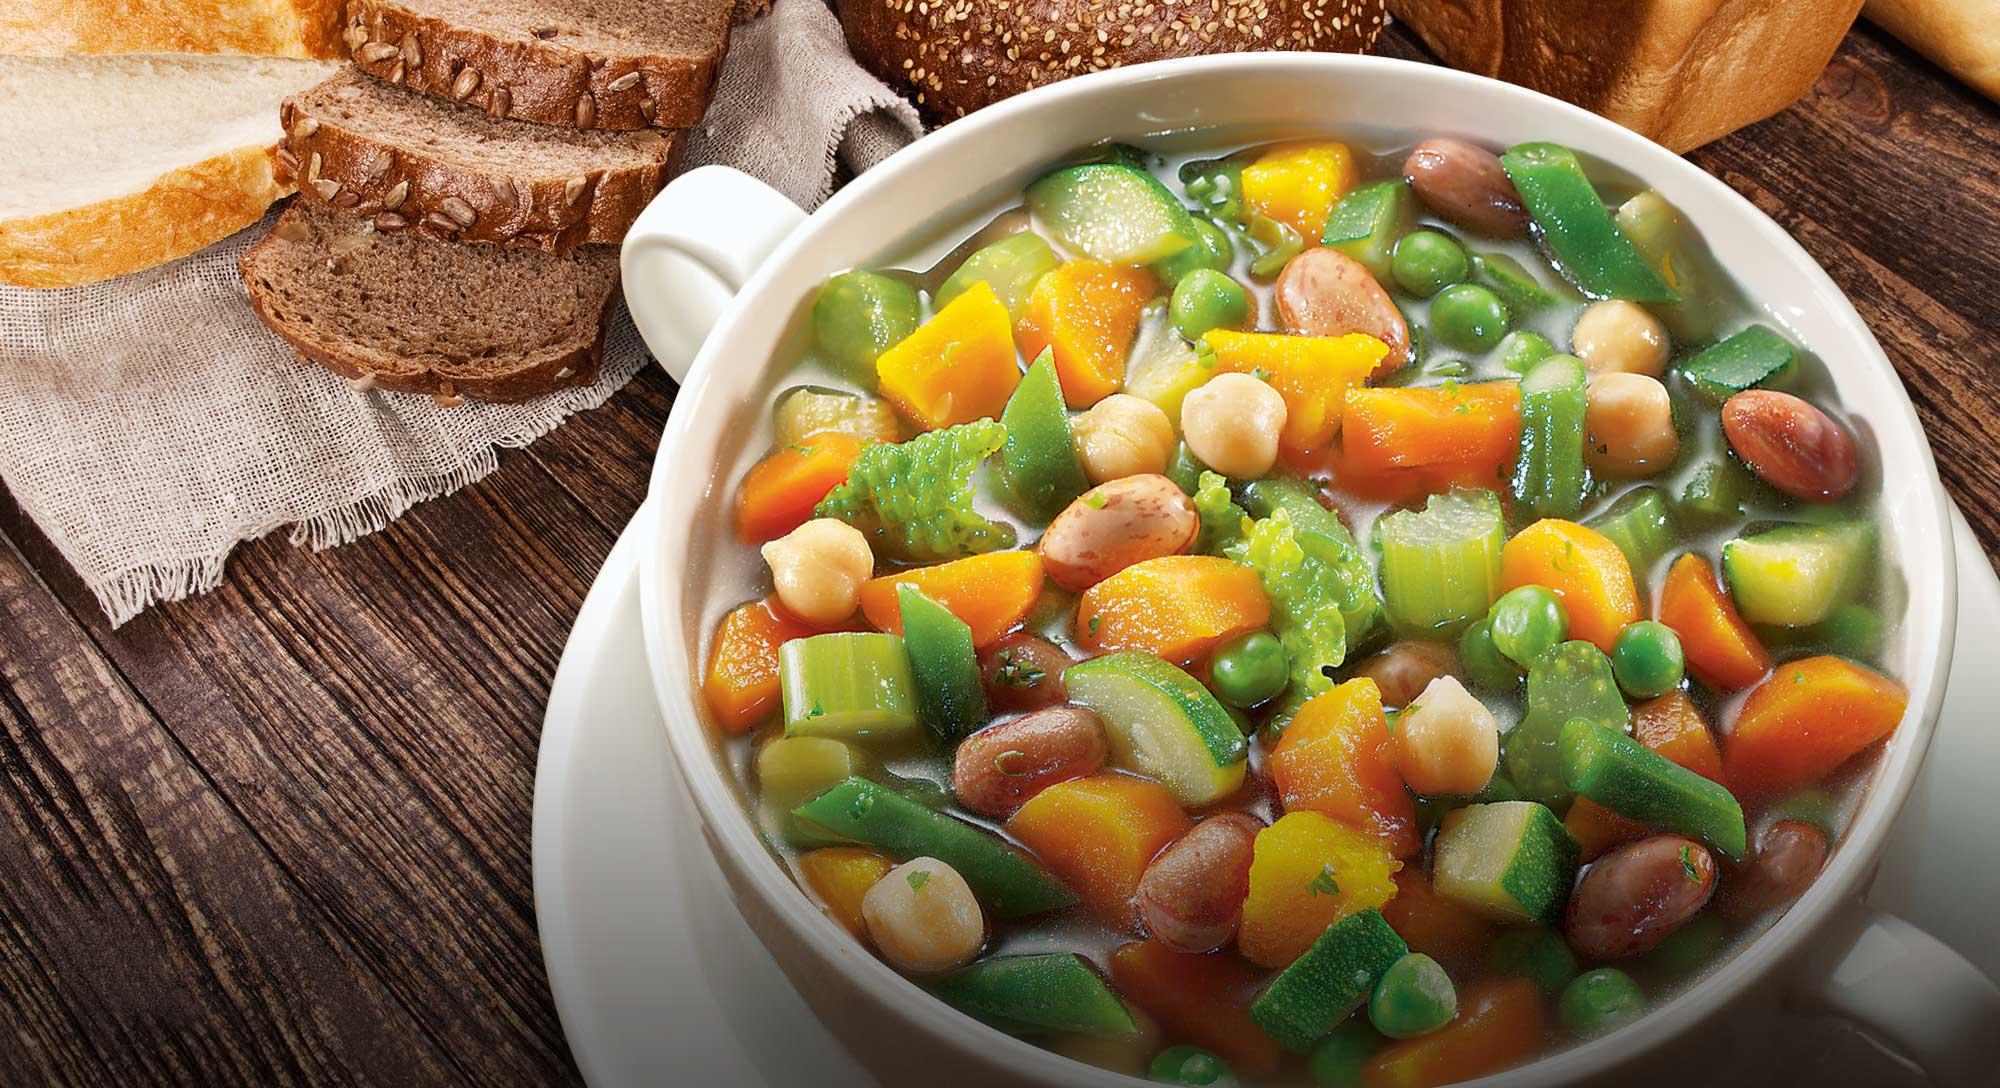 Come funziona la dieta del minestrone?